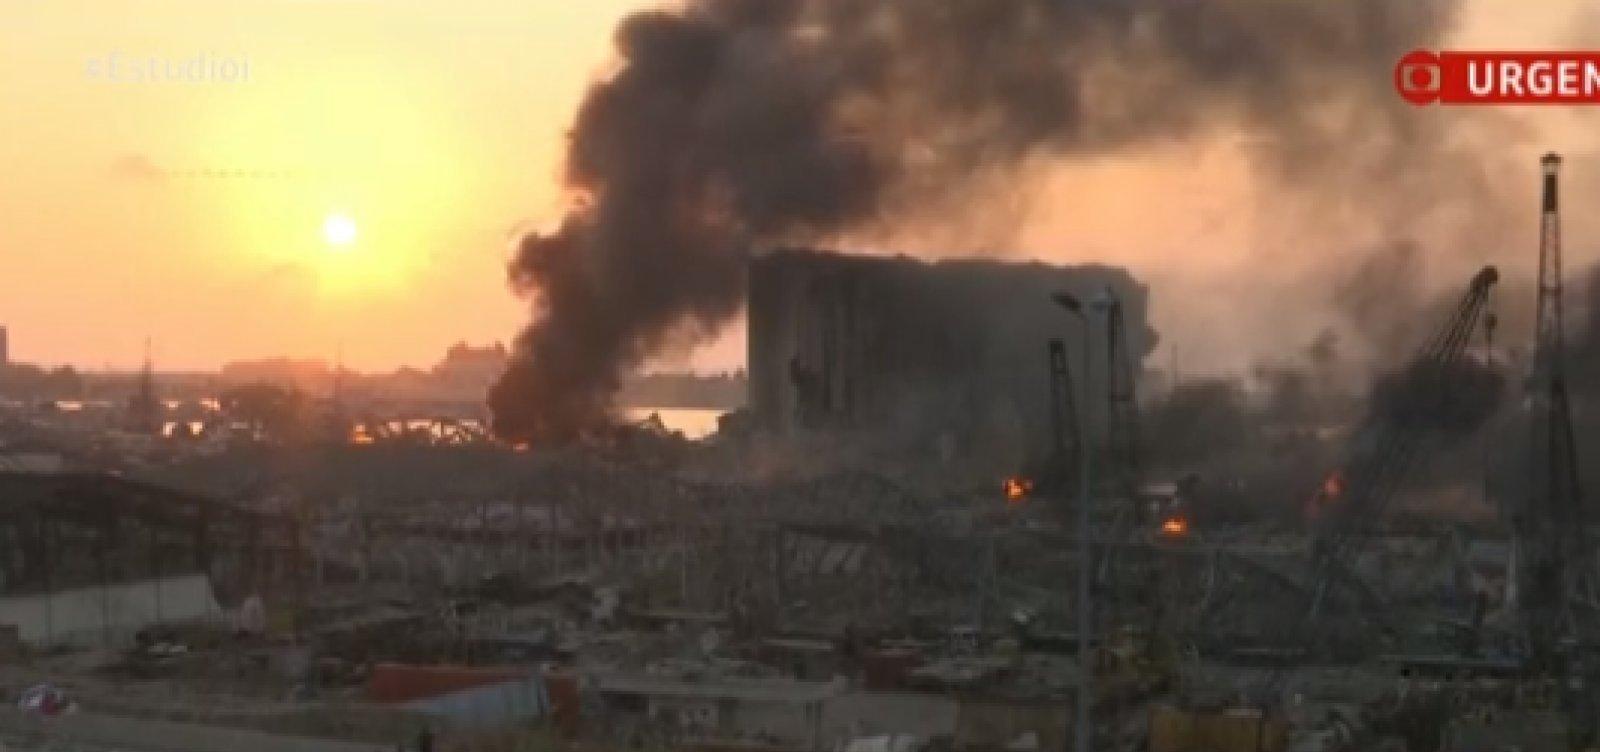 [Explosão em Beirute deixou uma brasileira ferida, diz Itamaraty]